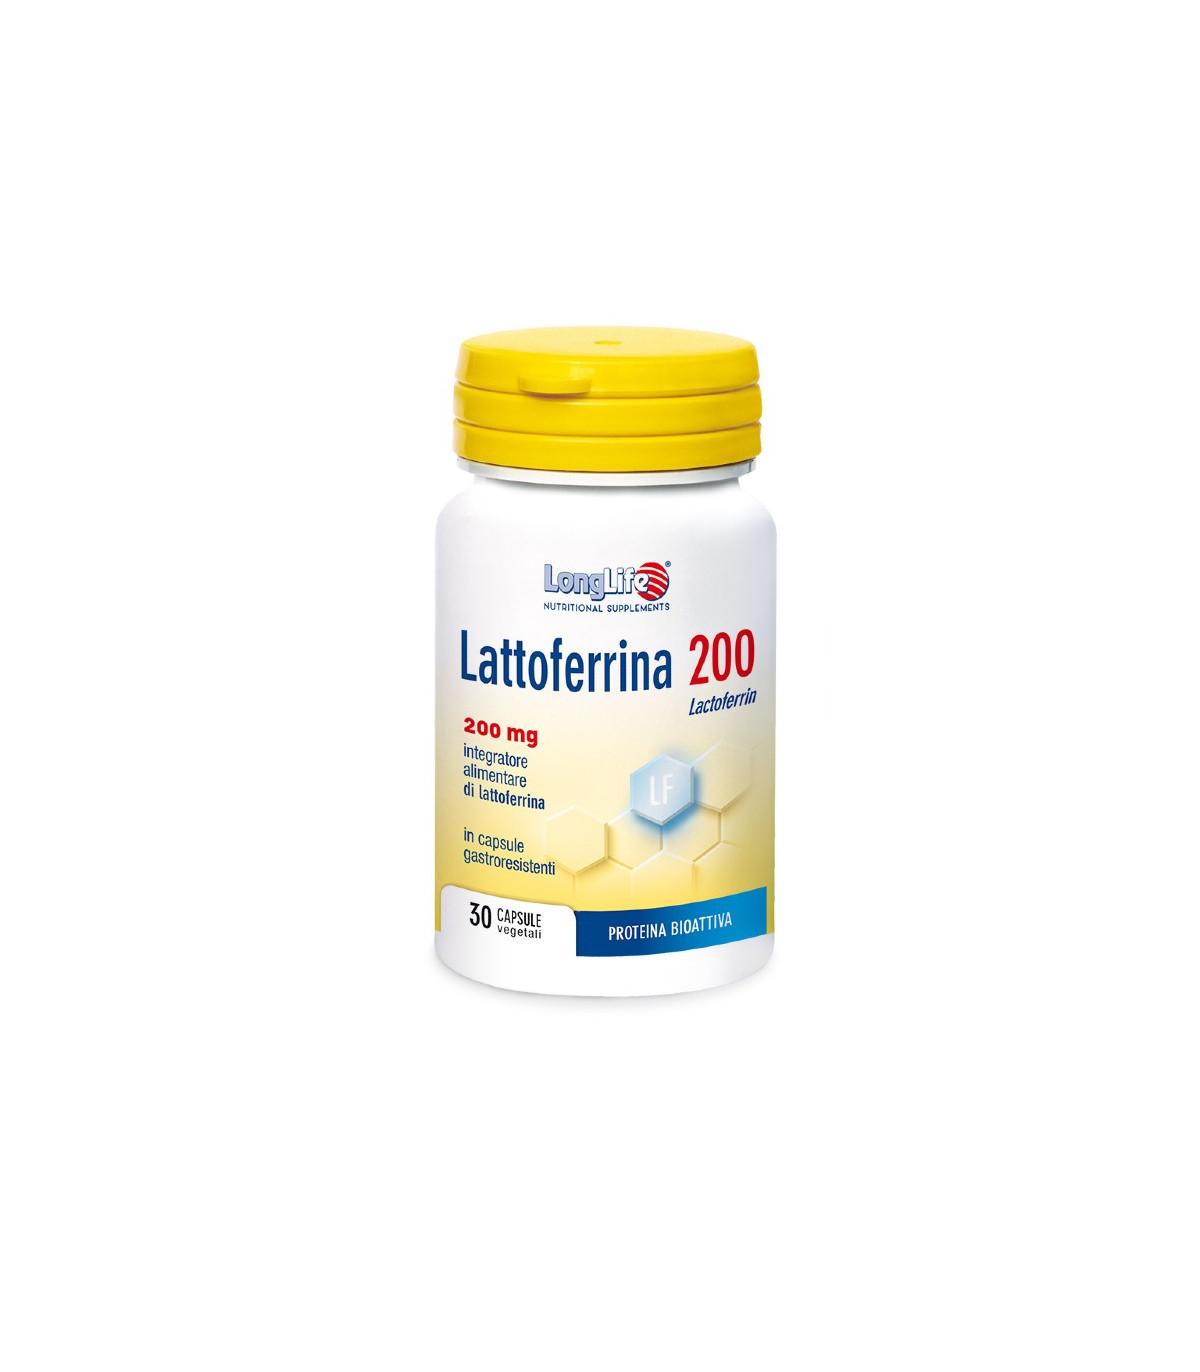 LONGLIFE LATTOFERRINA200 30CPS - Parafarmacia la Fattoria della Salute S.n.c. di Delfini Dott.ssa Giulia e Marra Dott.ssa Michela